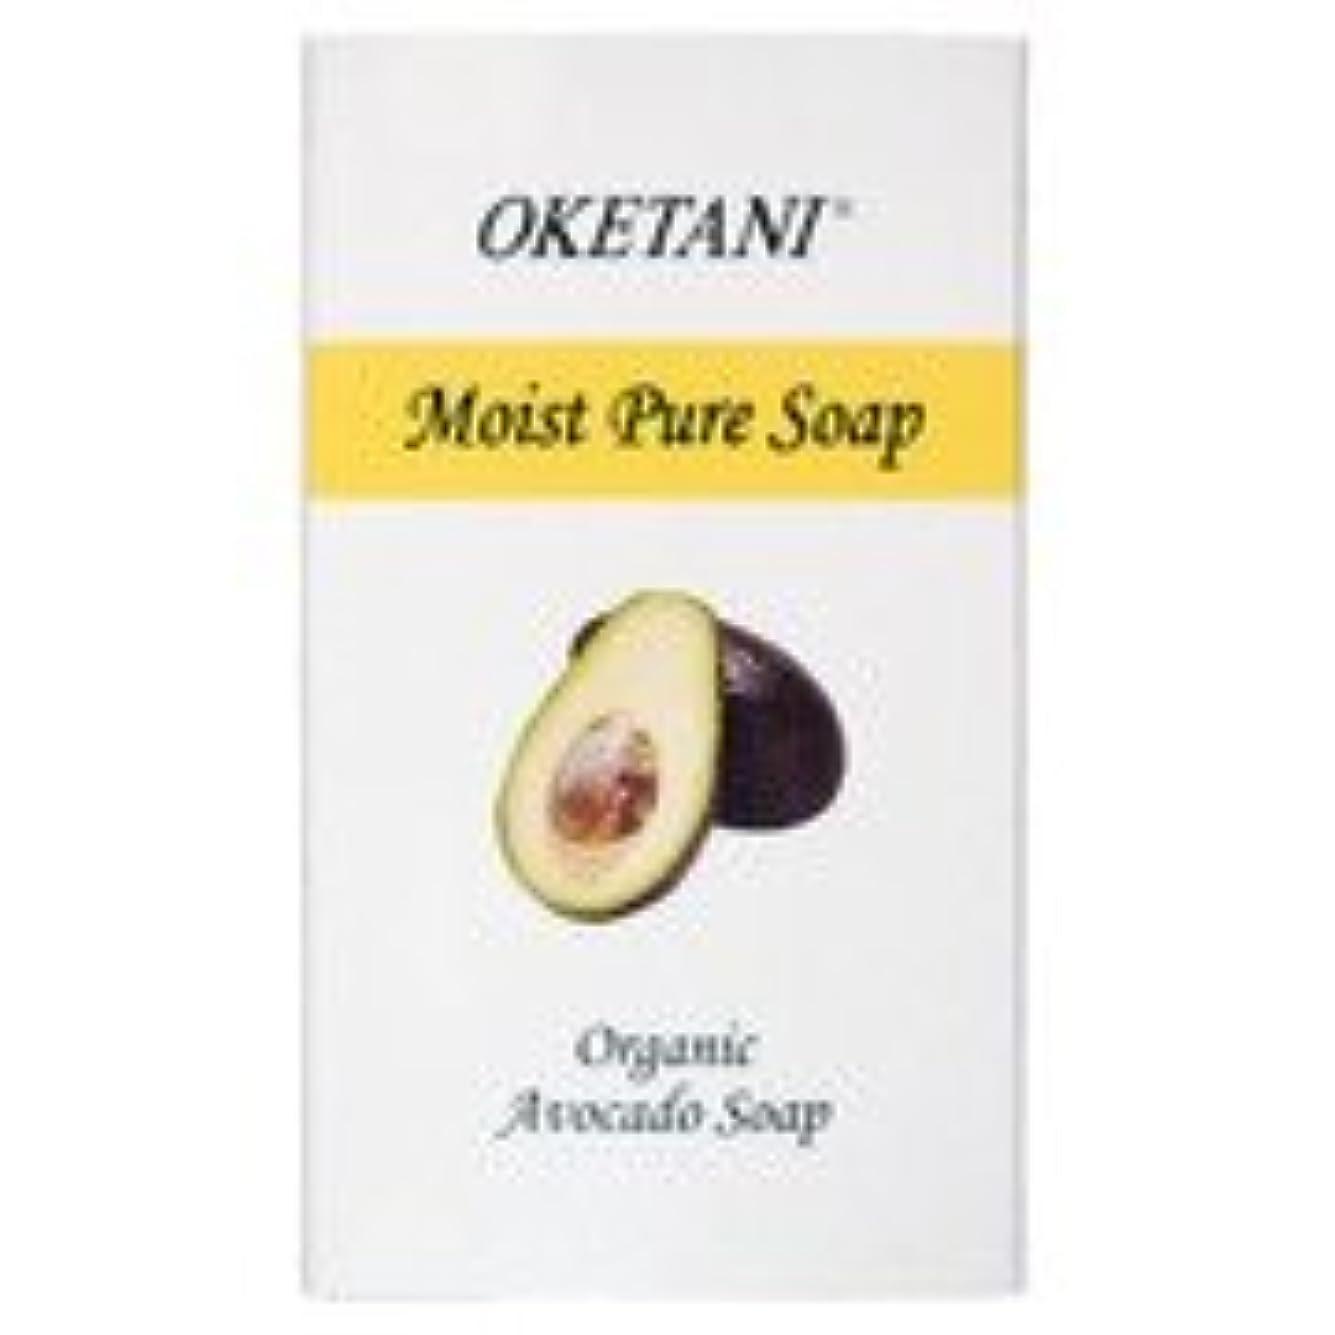 特許差し迫った洗剤[OKETANI]モイスチャーオーガニックアボガド石鹸